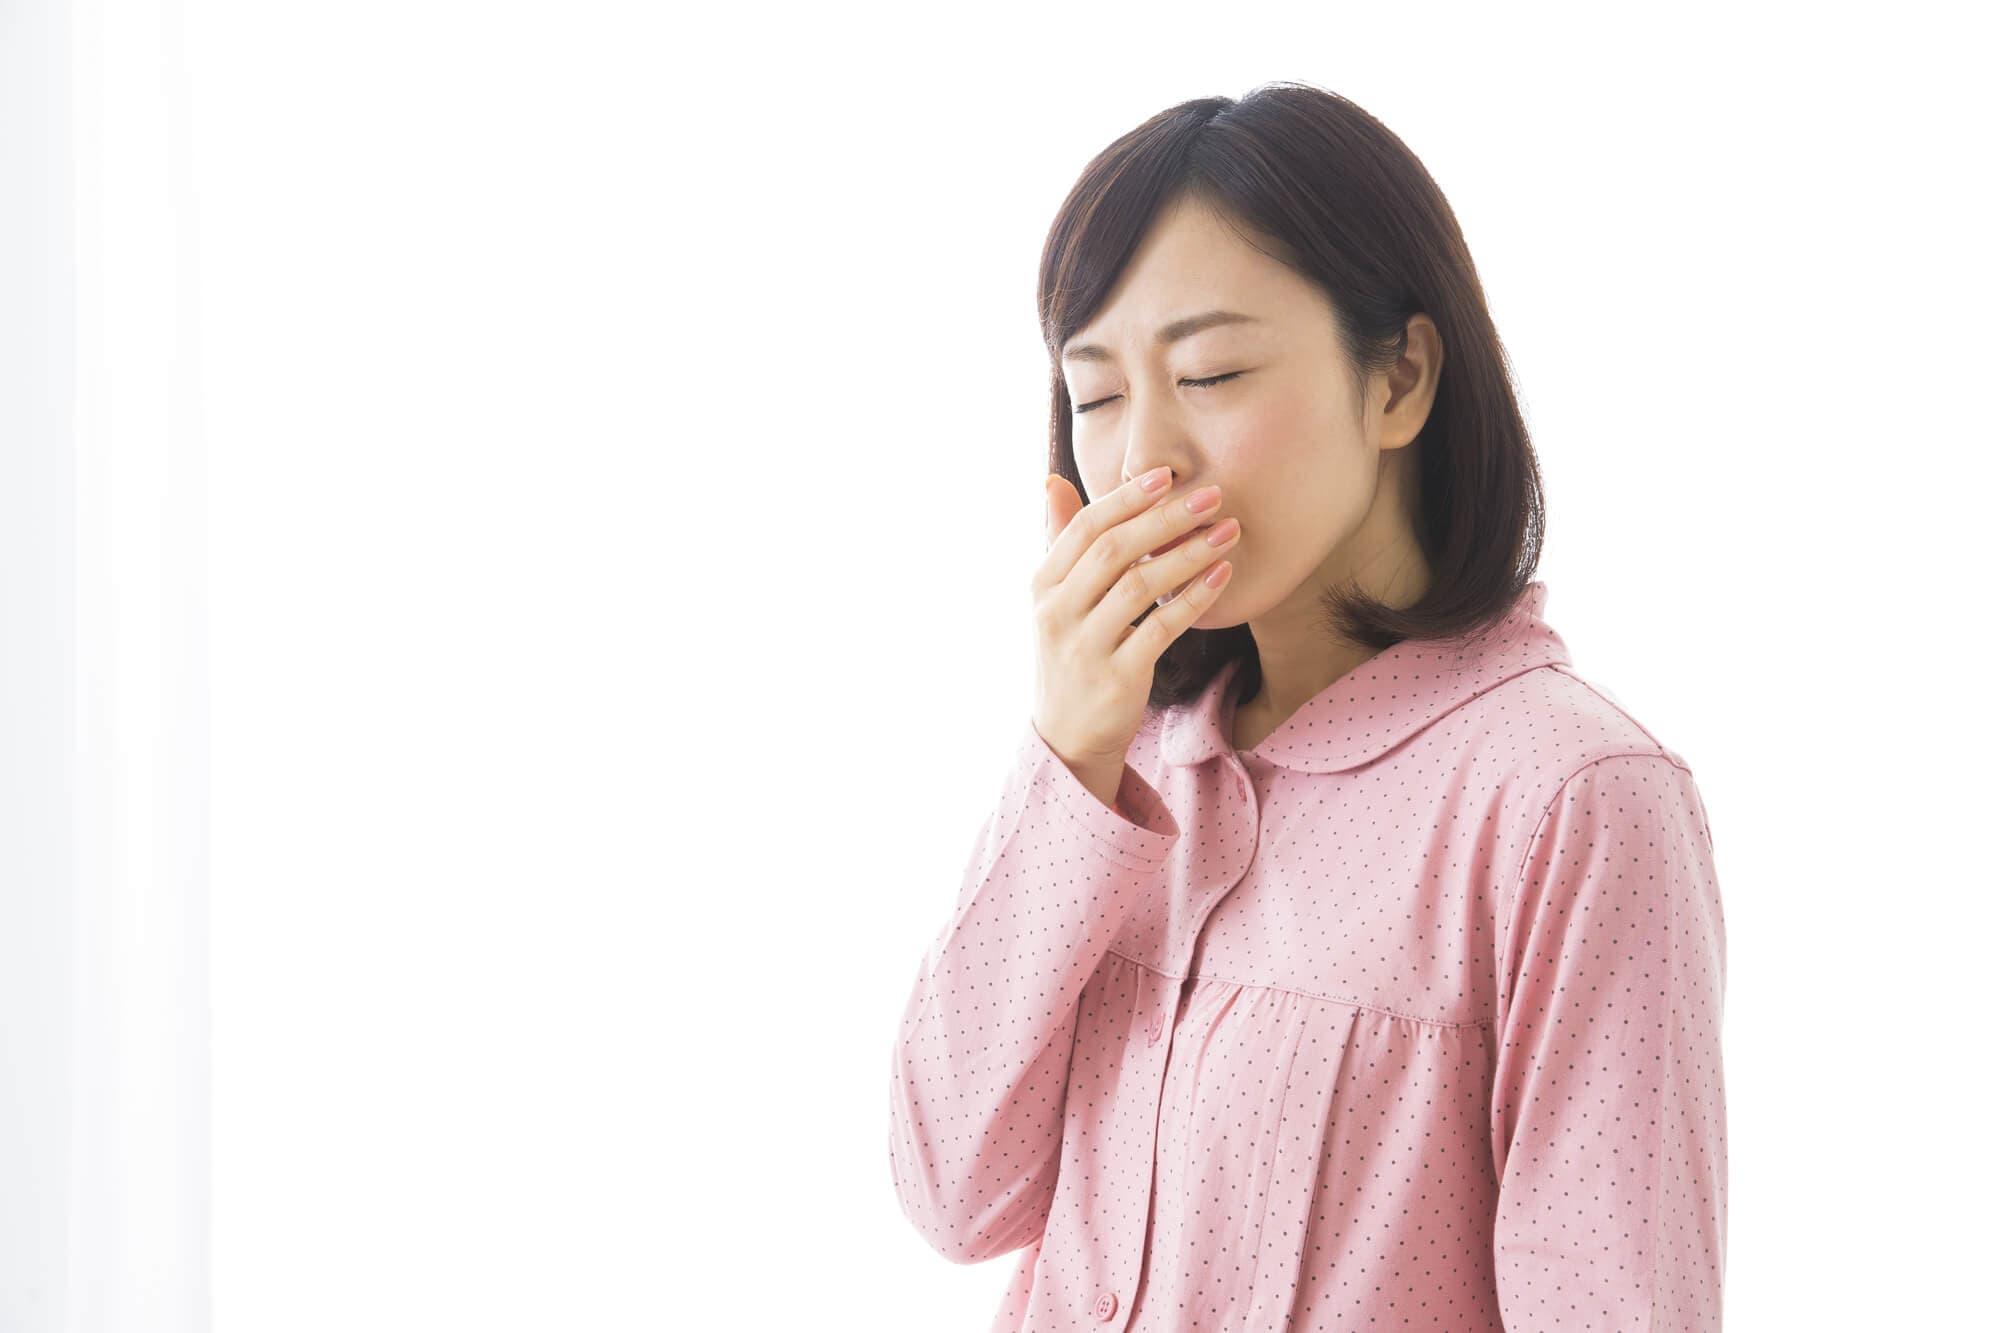 【調査】その症状はみんな一緒?妊娠中に1番辛いと感じた体のトラブルについて